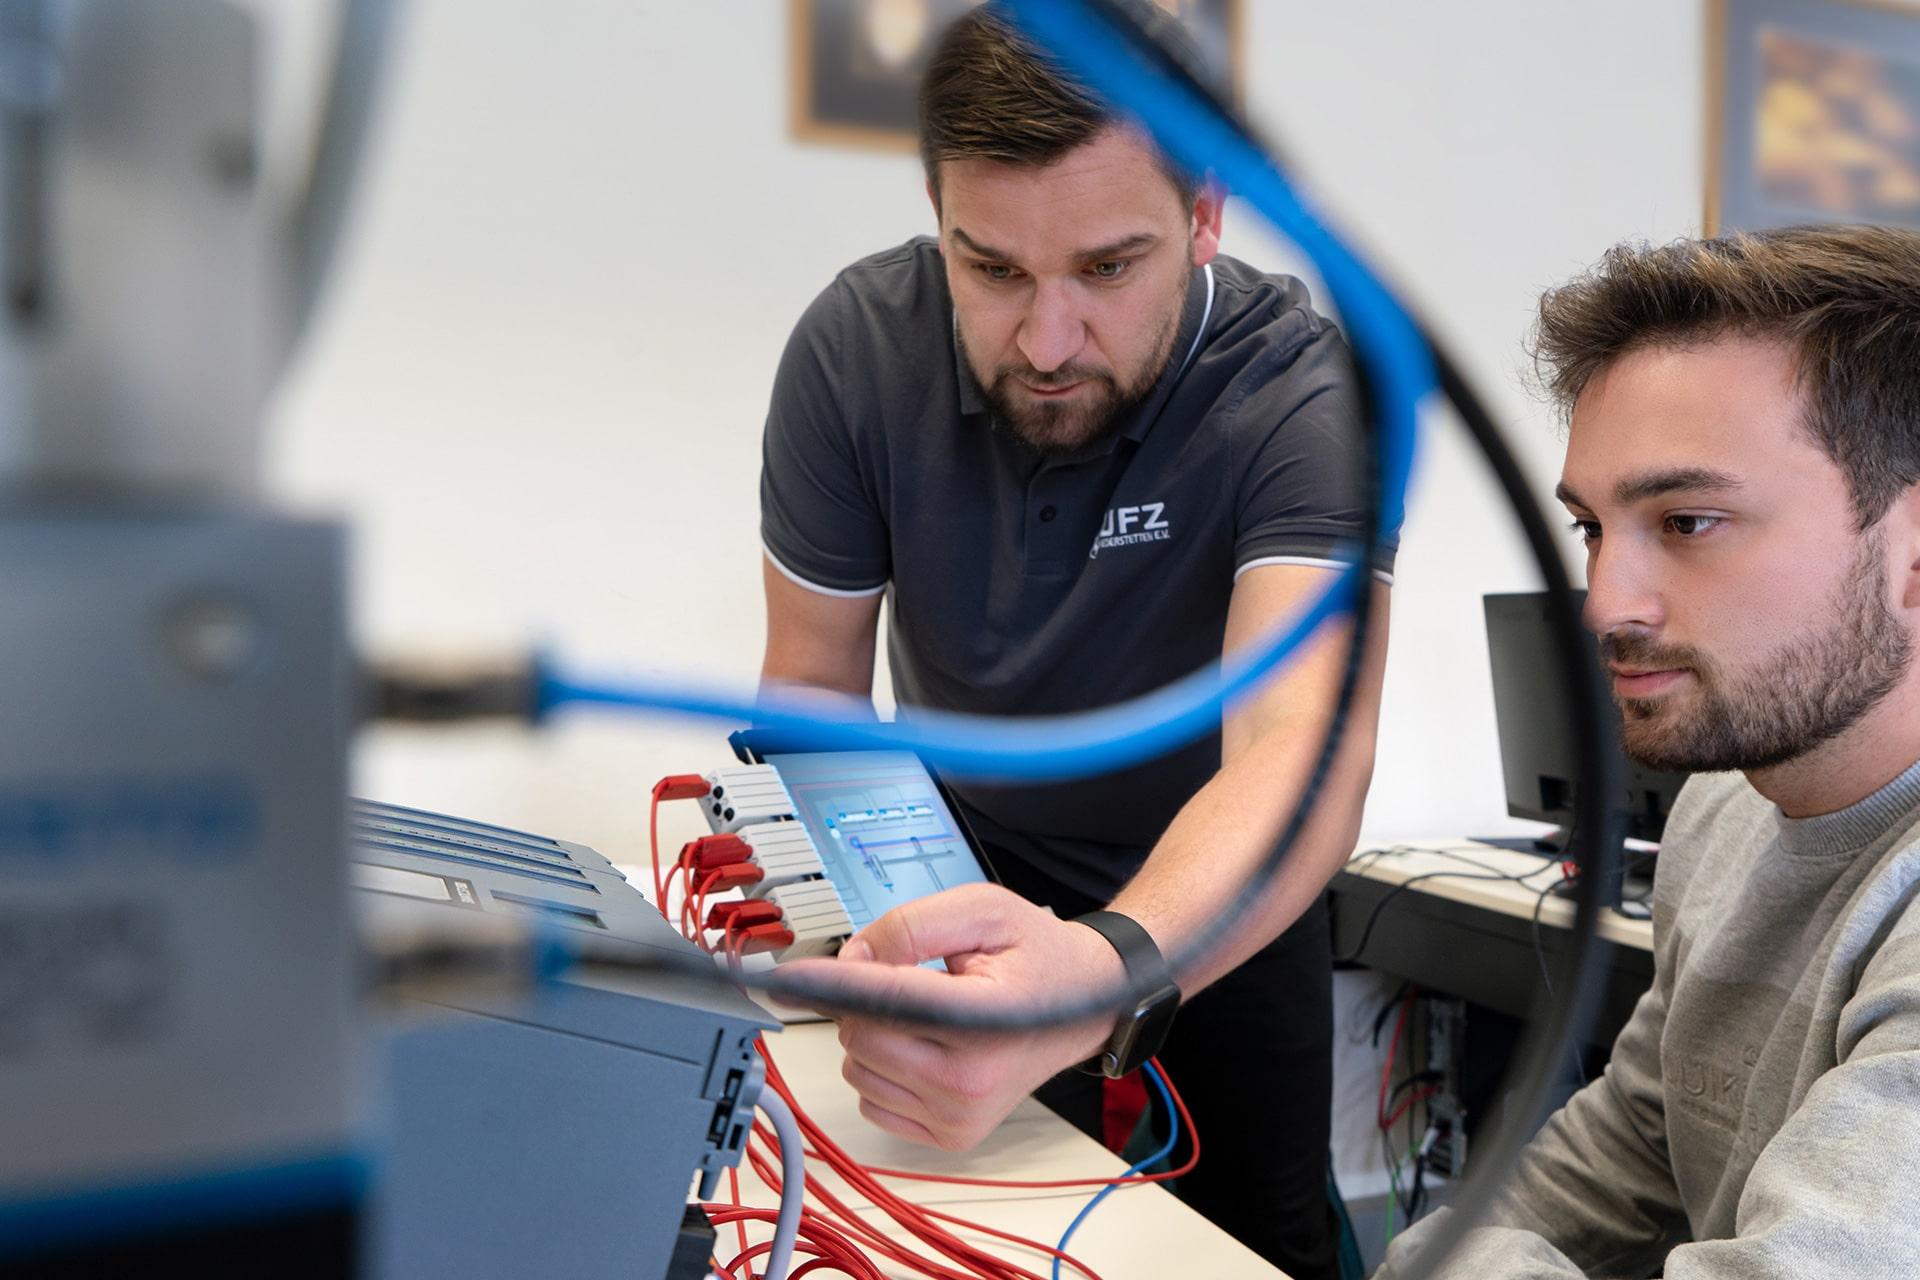 Umschulungszentrum UFZ in Niederstetten / Ausbilder erklärt einen elektrischen Aufbau